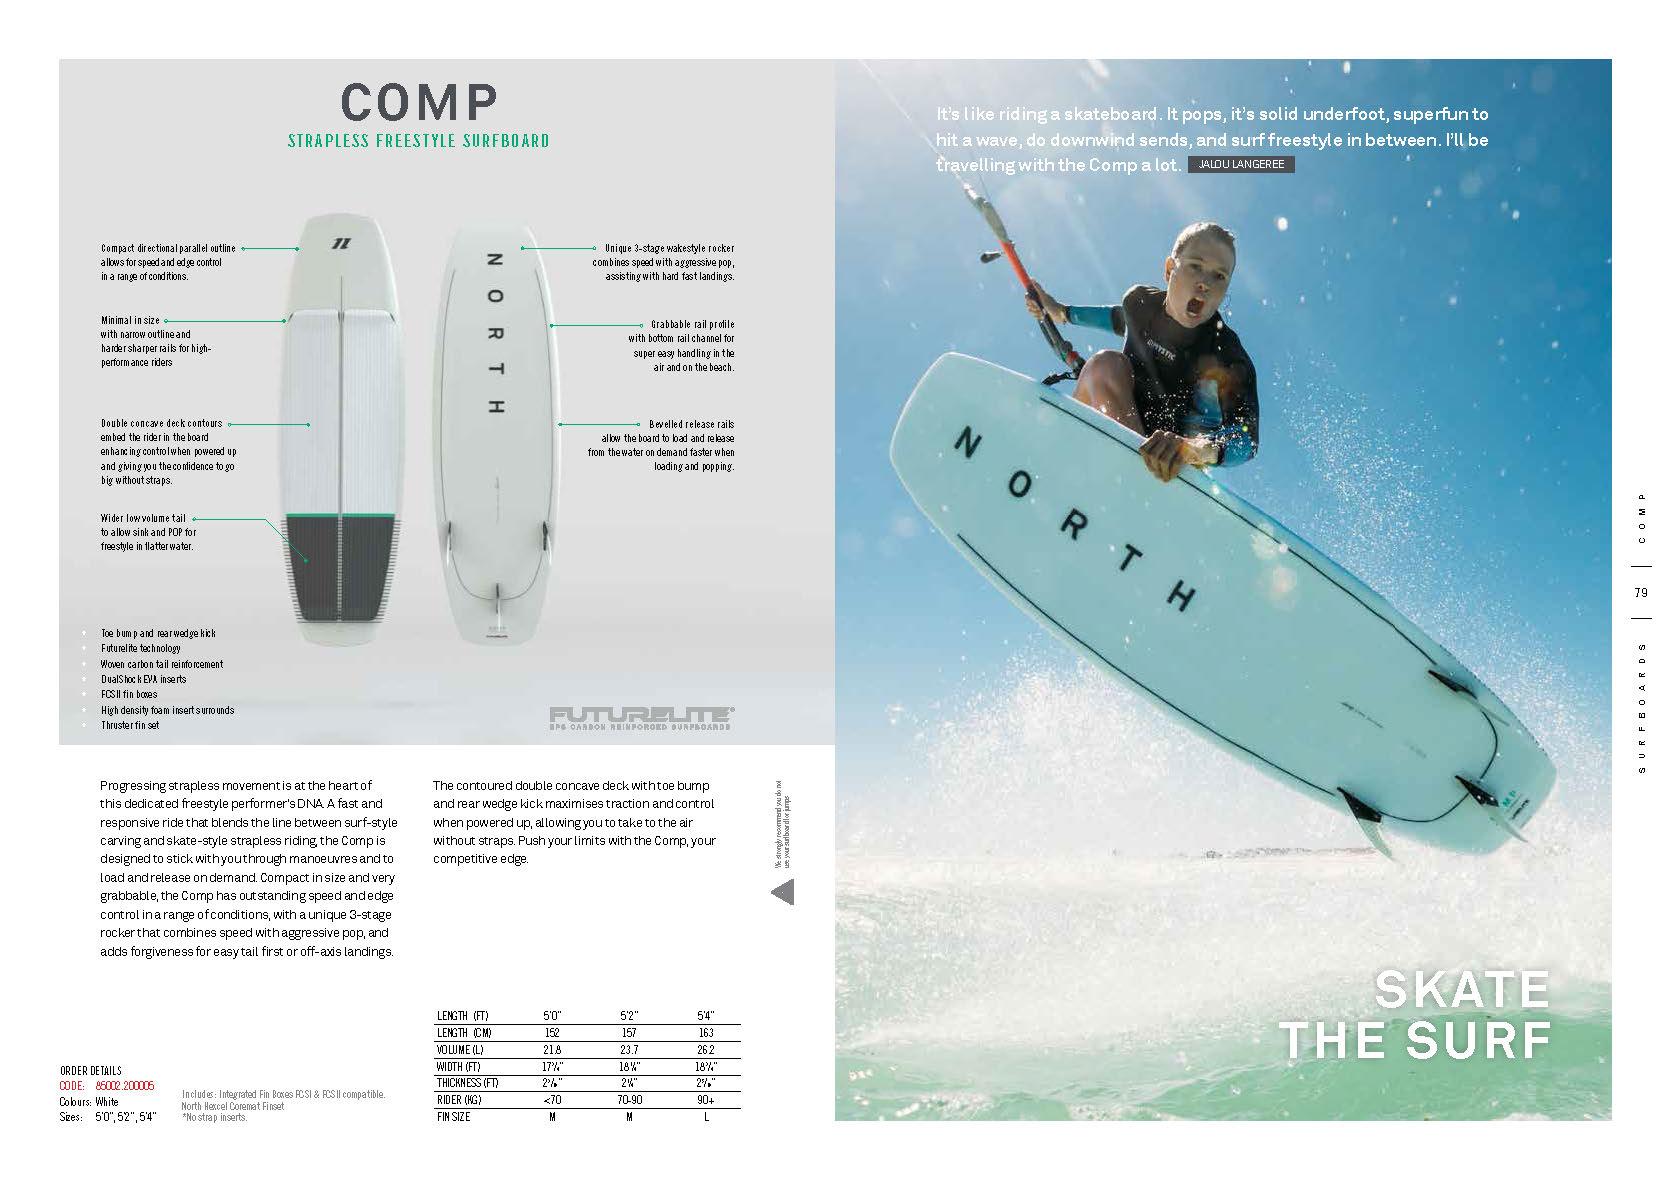 surfkite NORTH 2020 COMP